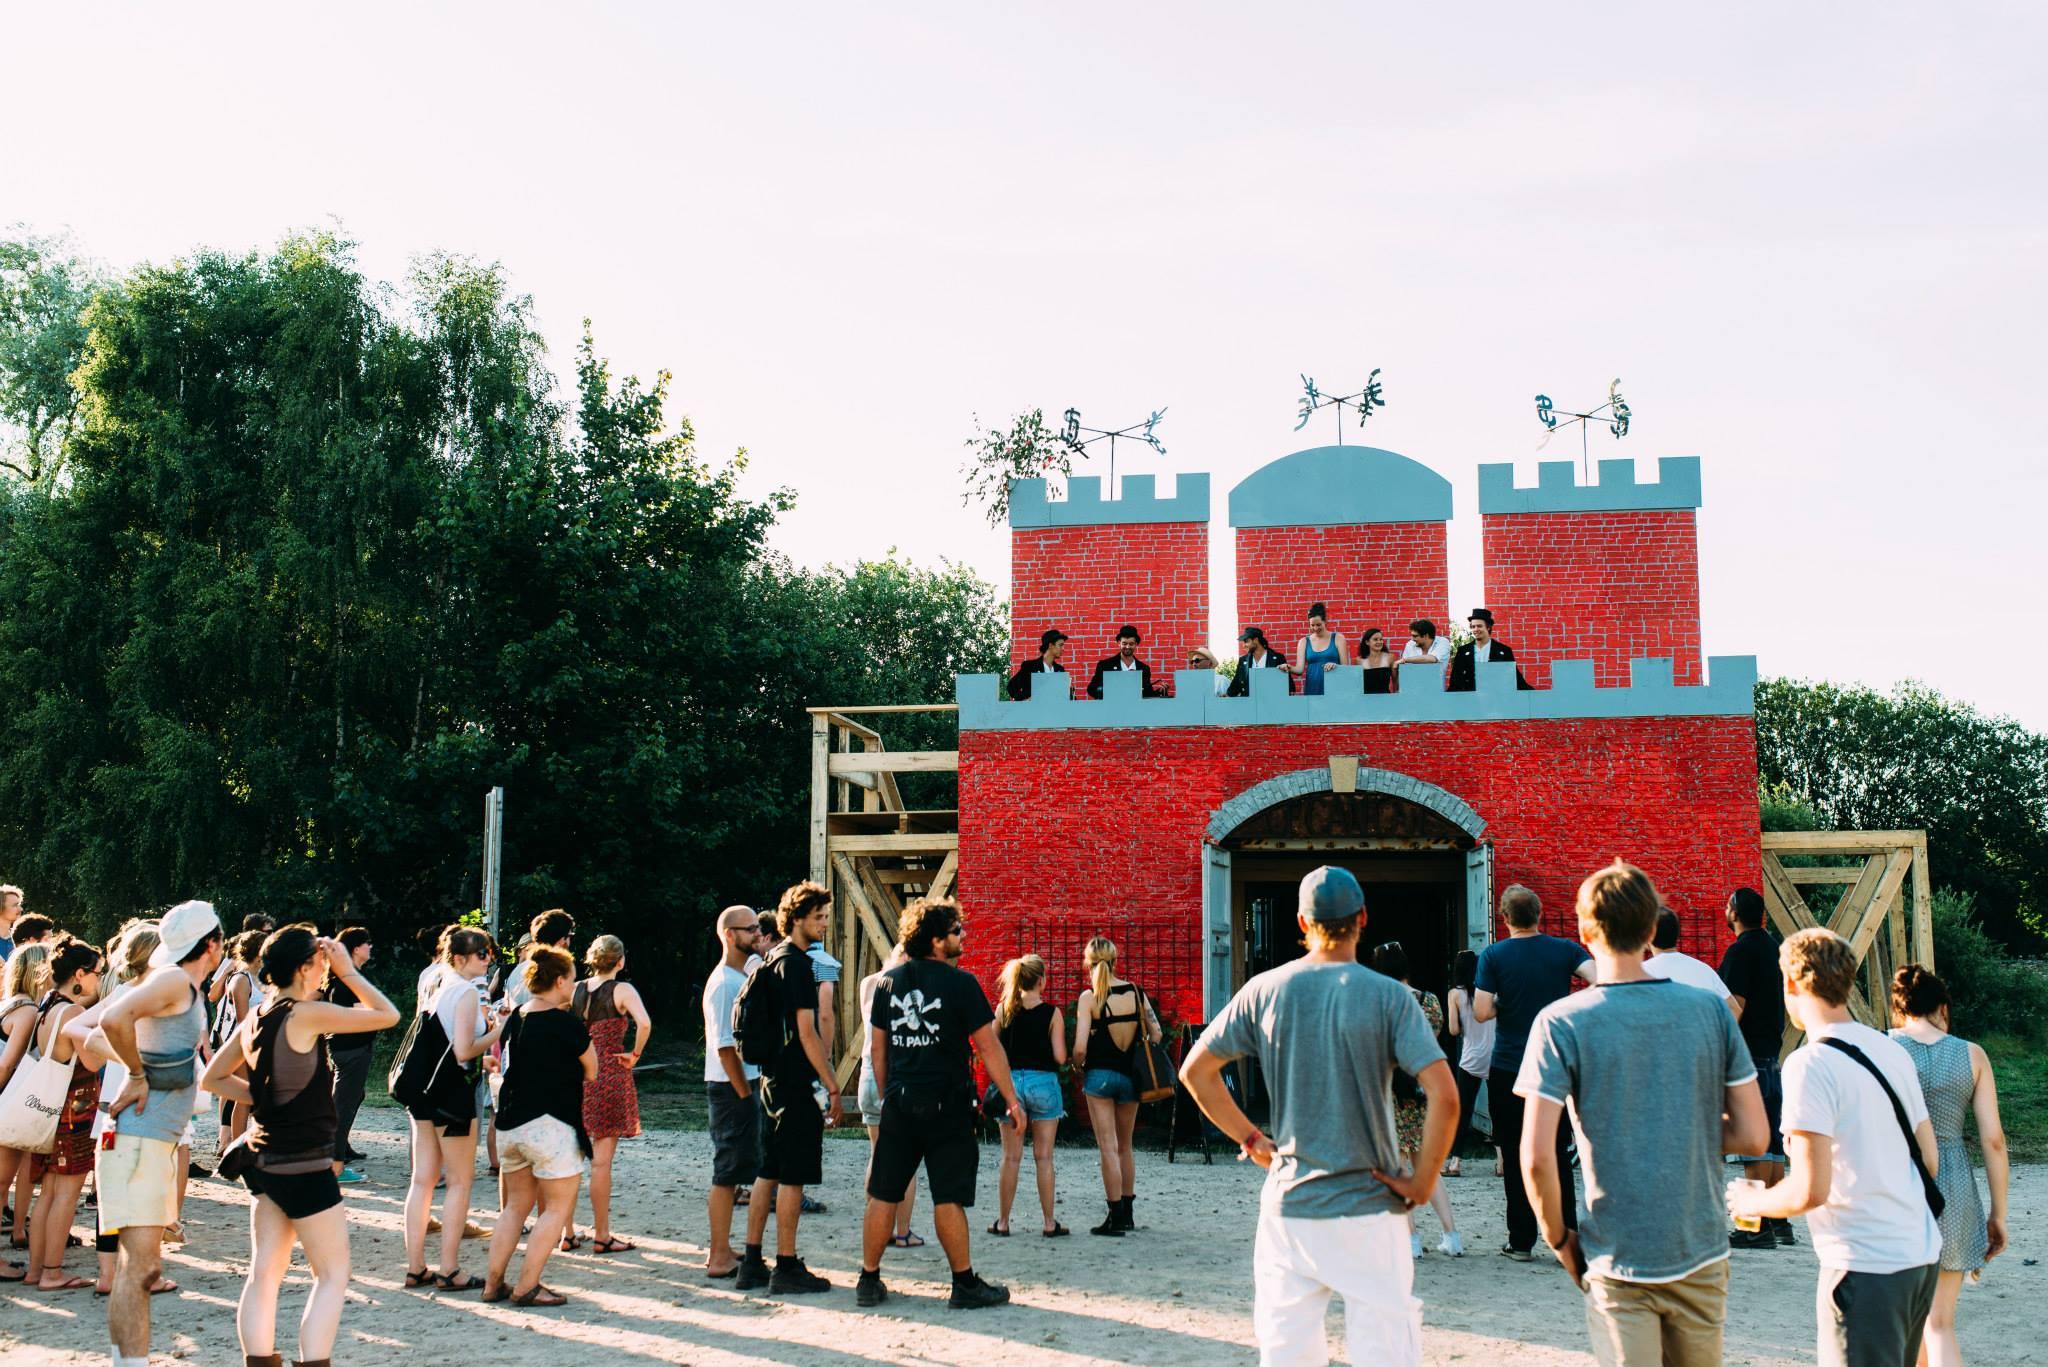 Richtfest ©Pablo Heimplatz